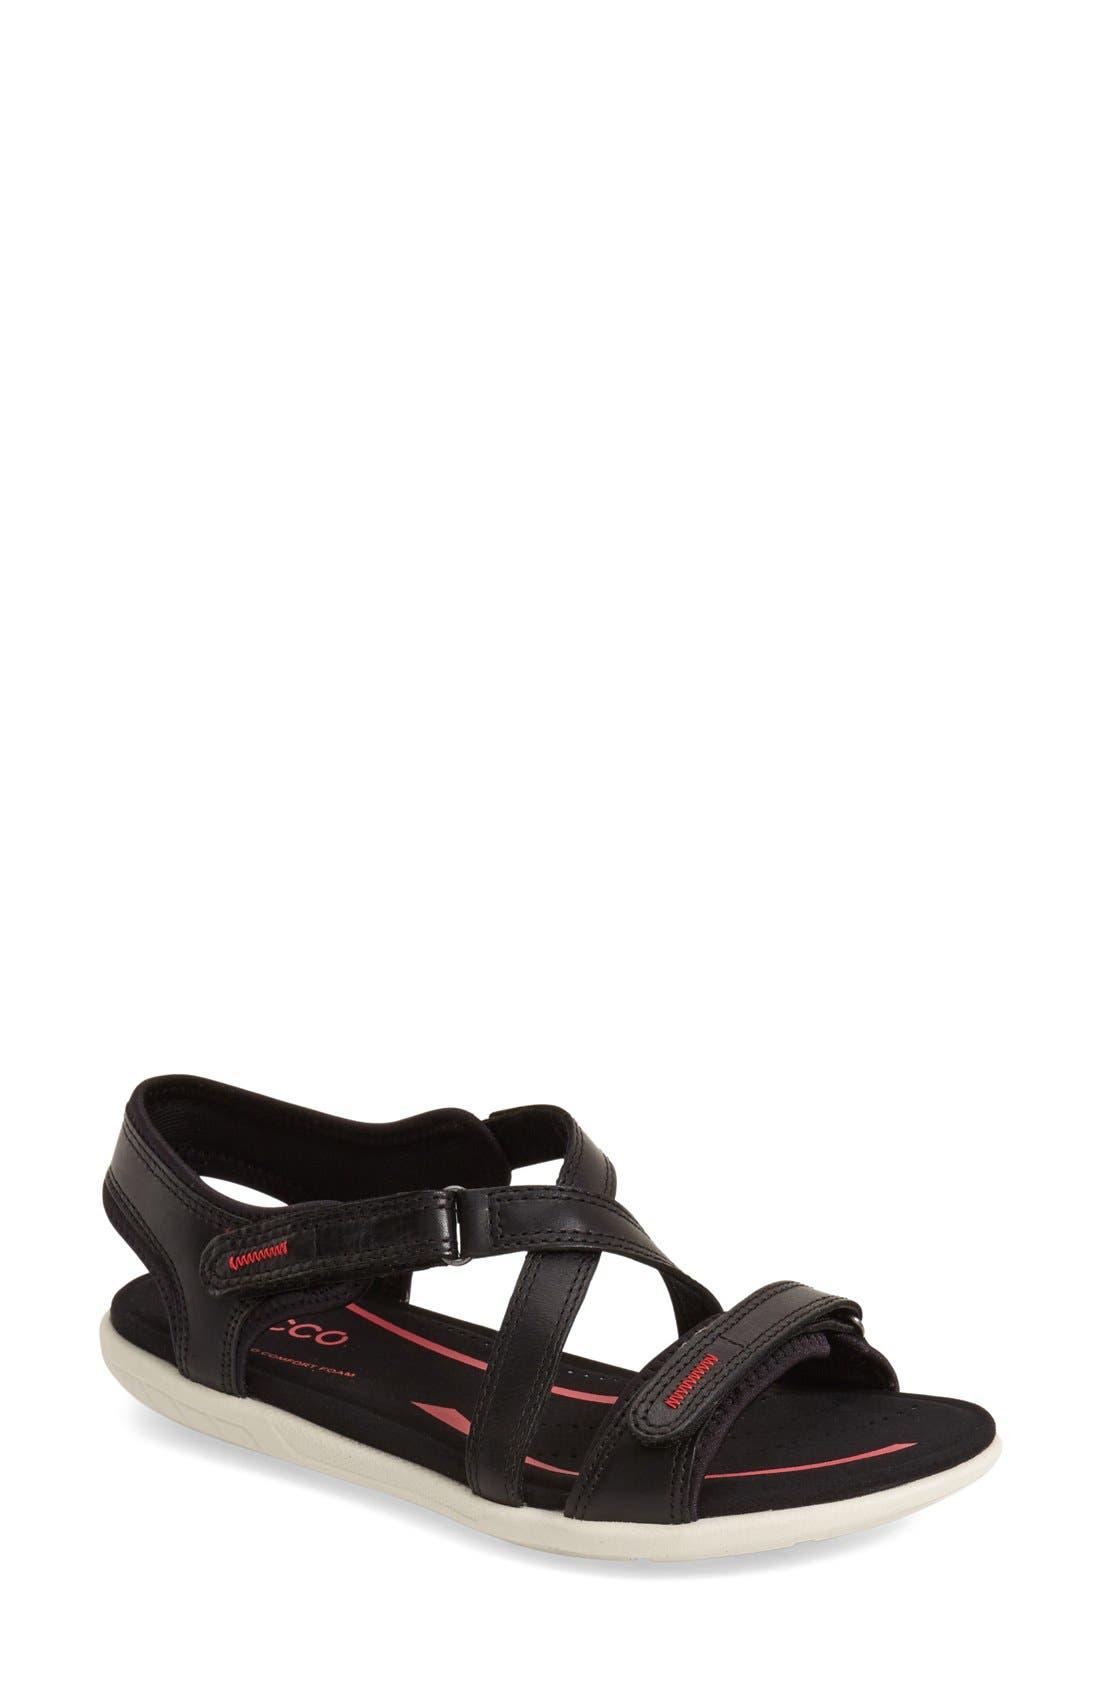 'Bluma' Sport Sandal,                             Main thumbnail 1, color,                             Black Leather